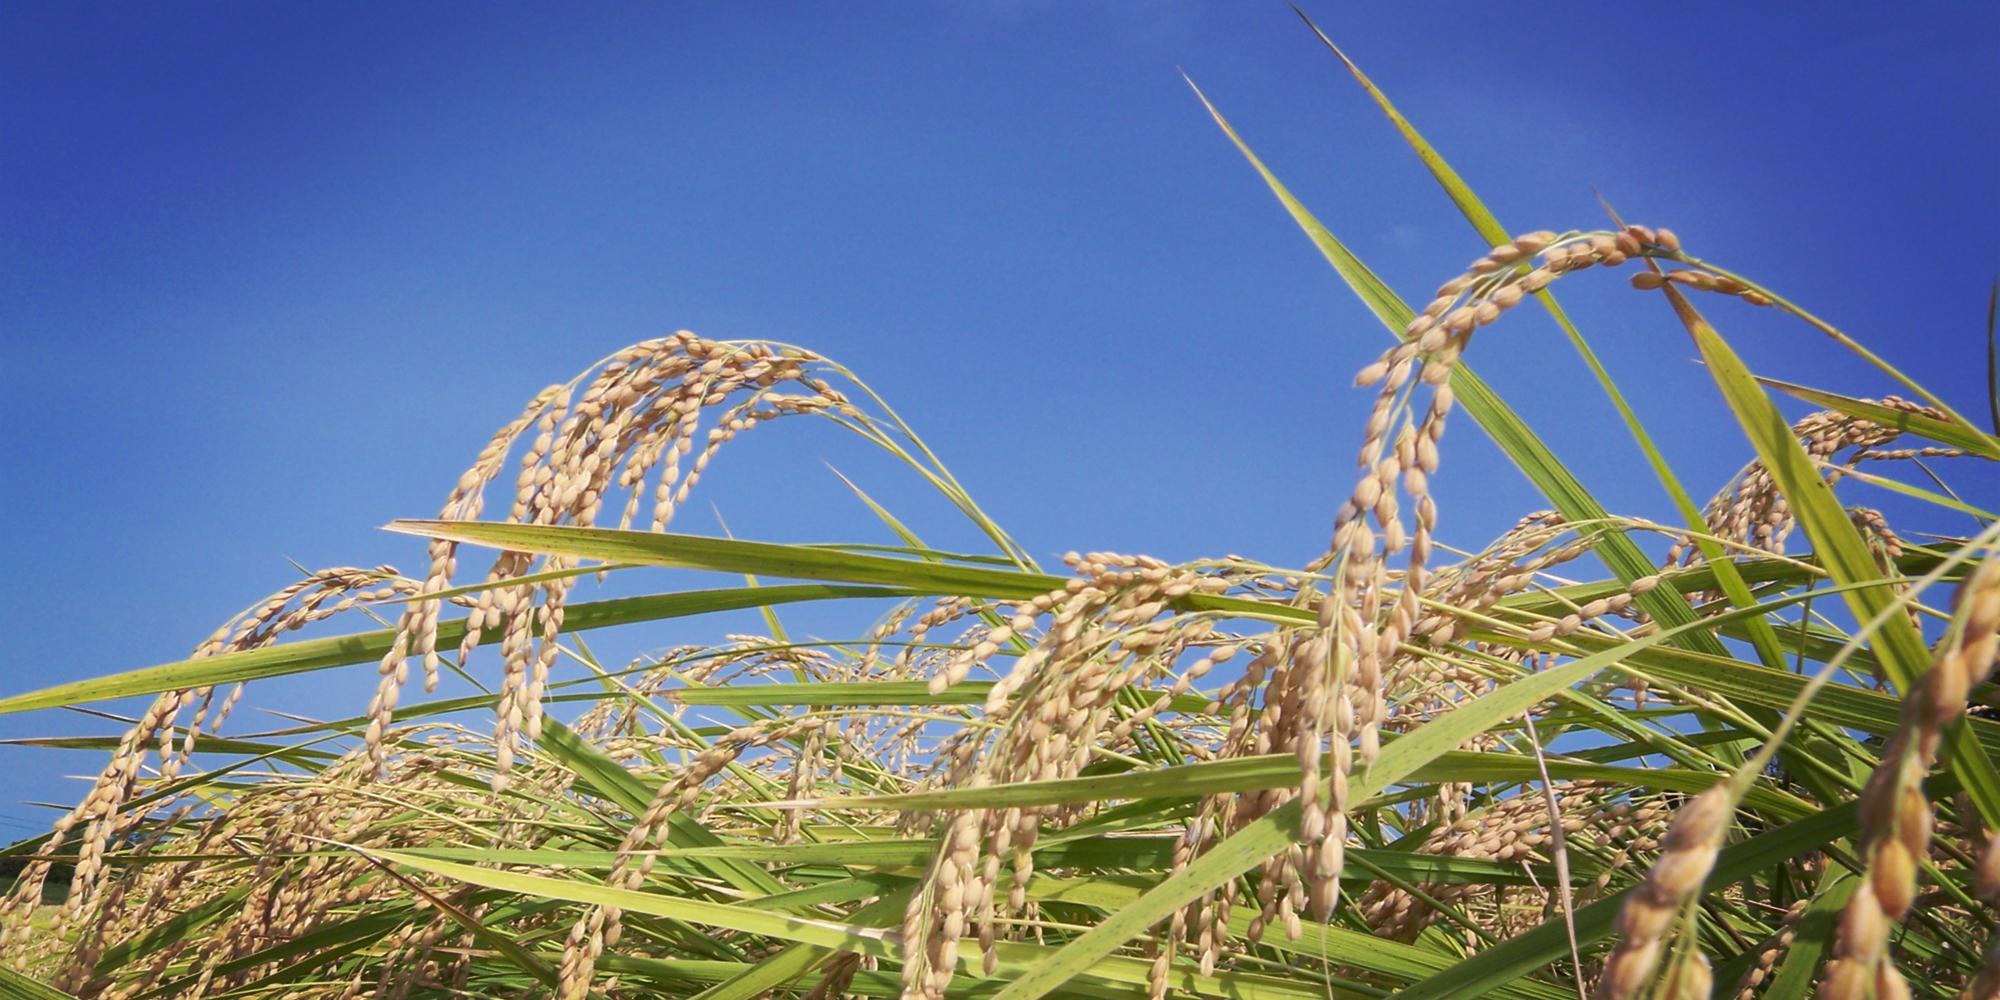 八米屋《お米の美味しい処》自然生命と共に生きてお米も人も喜ぶ美味しさを想うちょっと風変わりな稲作農家(はちまいや)